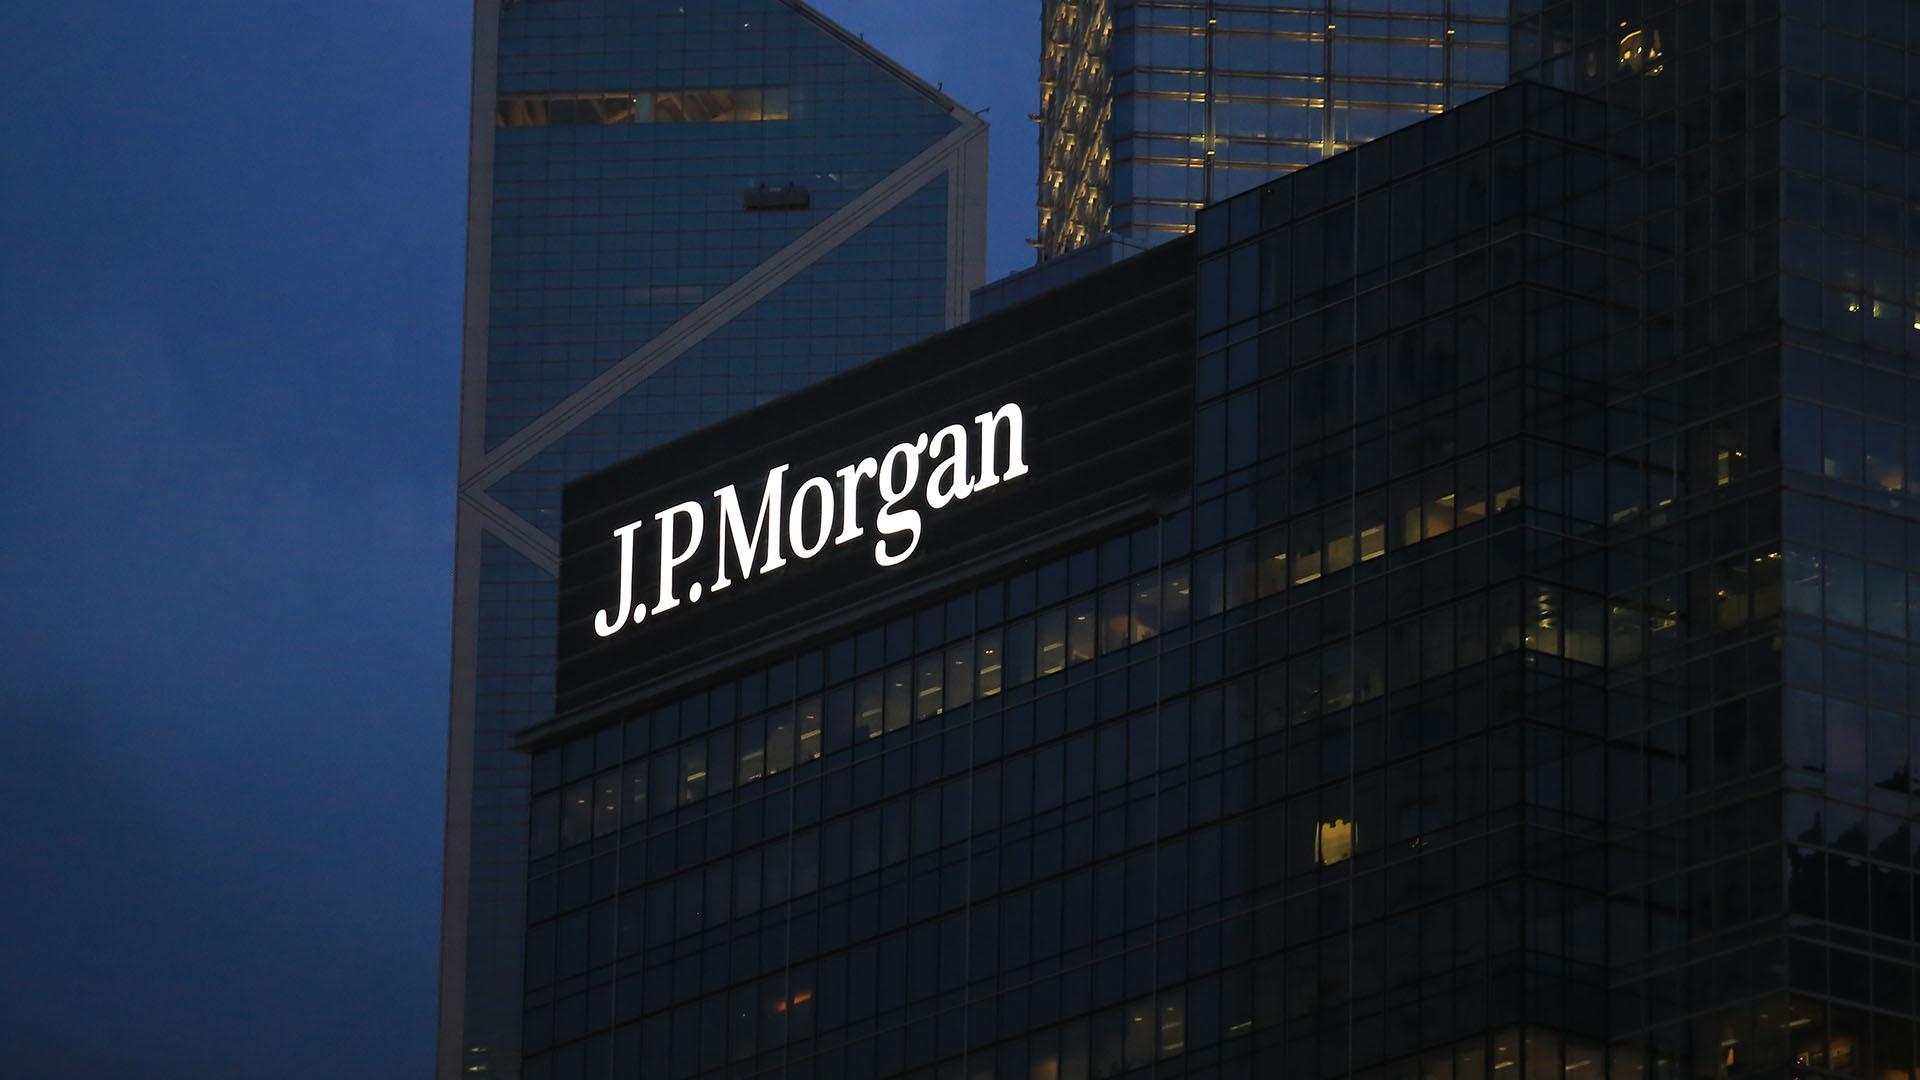 В 2021 году JPMorgan запустит цифровой банк в Великобритании